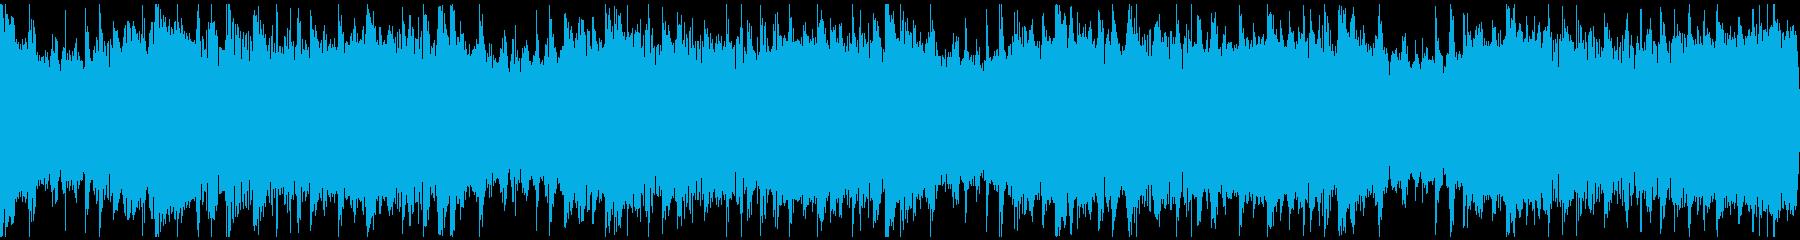 感動を演出するCM、爽やか動画、ループ1の再生済みの波形